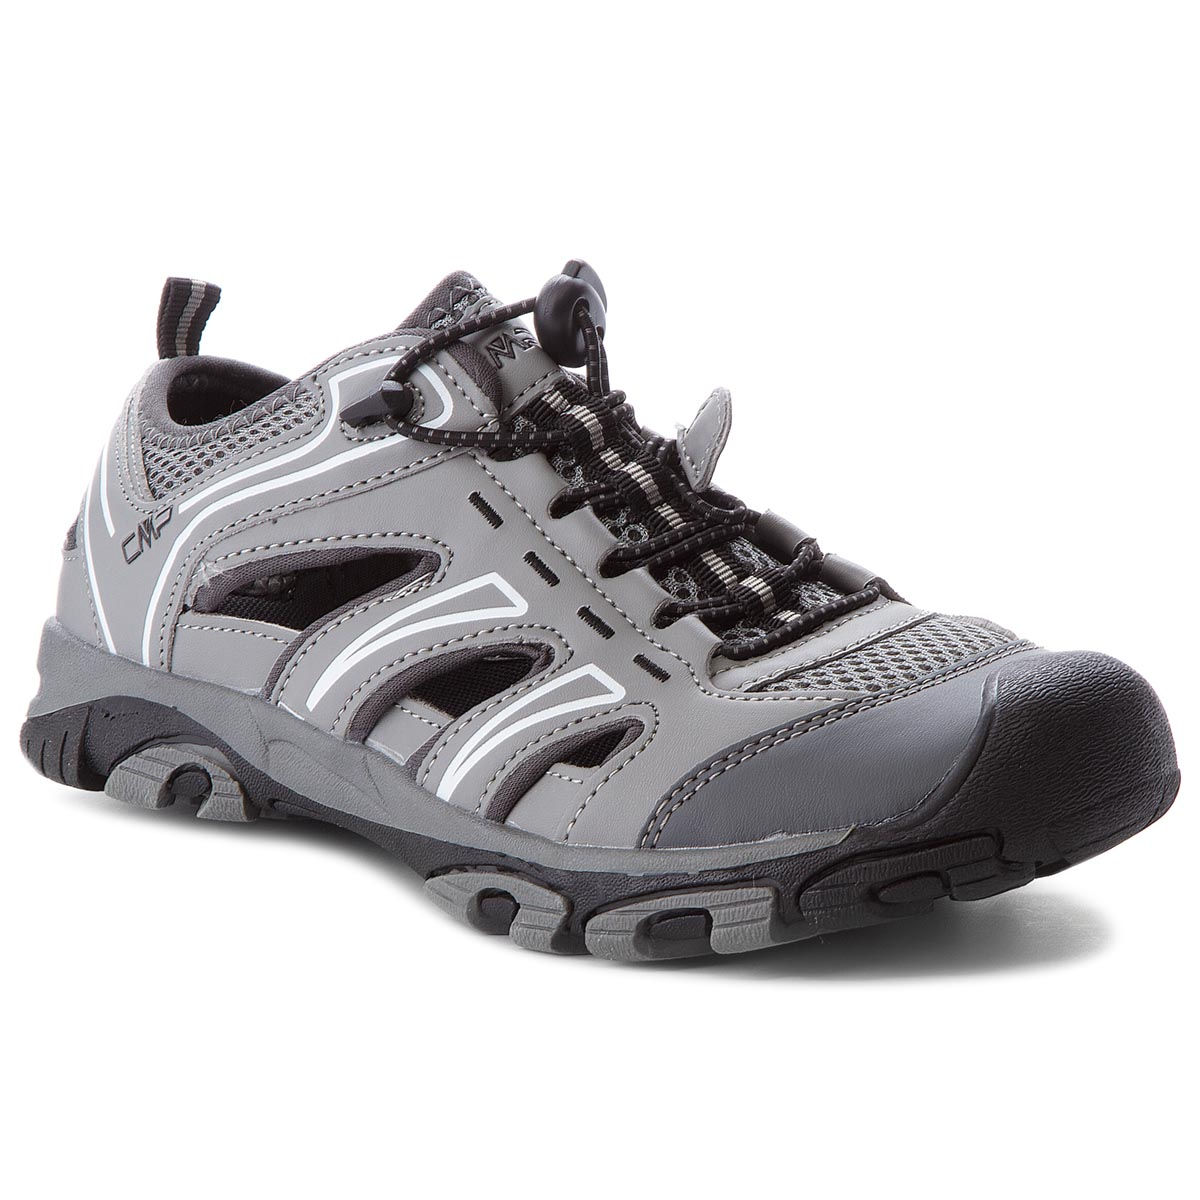 Sandály CMP - Aquarii Hiking Sandal 3Q95477 Grey U739 - Glami.cz 1187bda17f